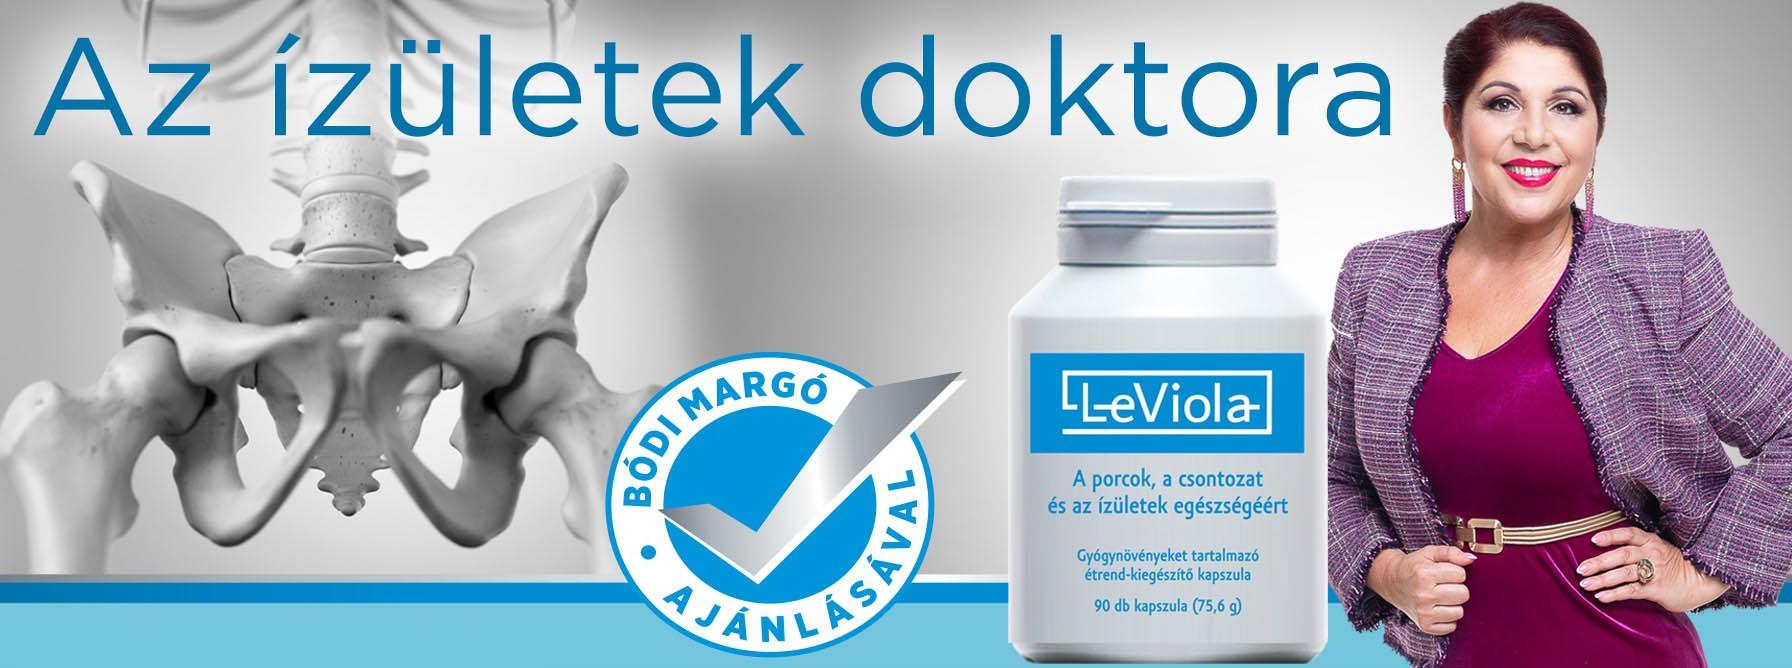 Leviola